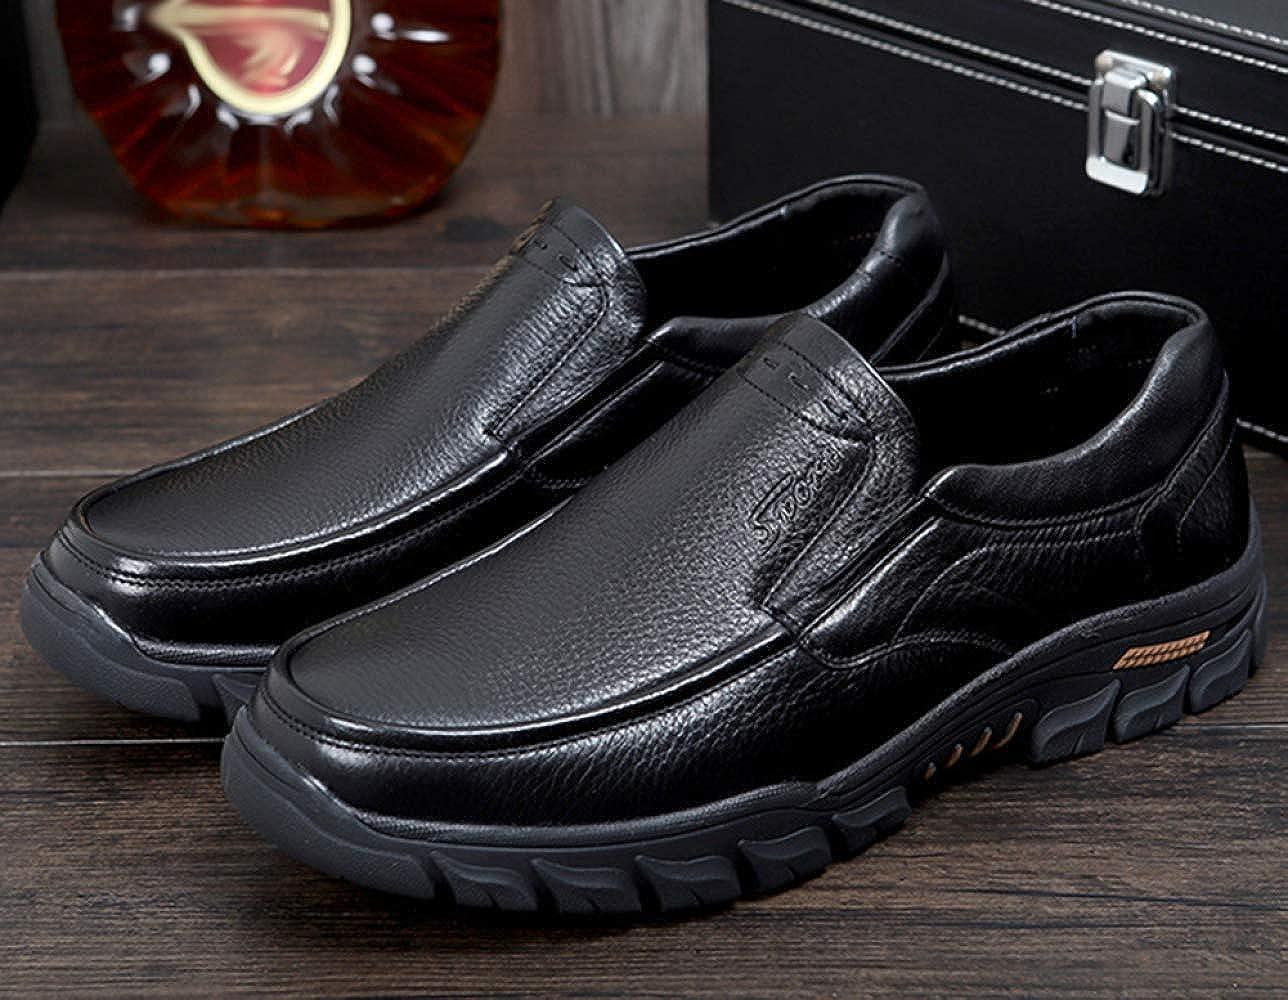 MYXUA Herrenschuhe Spitze Schuhe Business-Schuhe Und Lok Fu Schuhe Bequem Und Business-Schuhe Atmungsaktiv 2 5d2b70